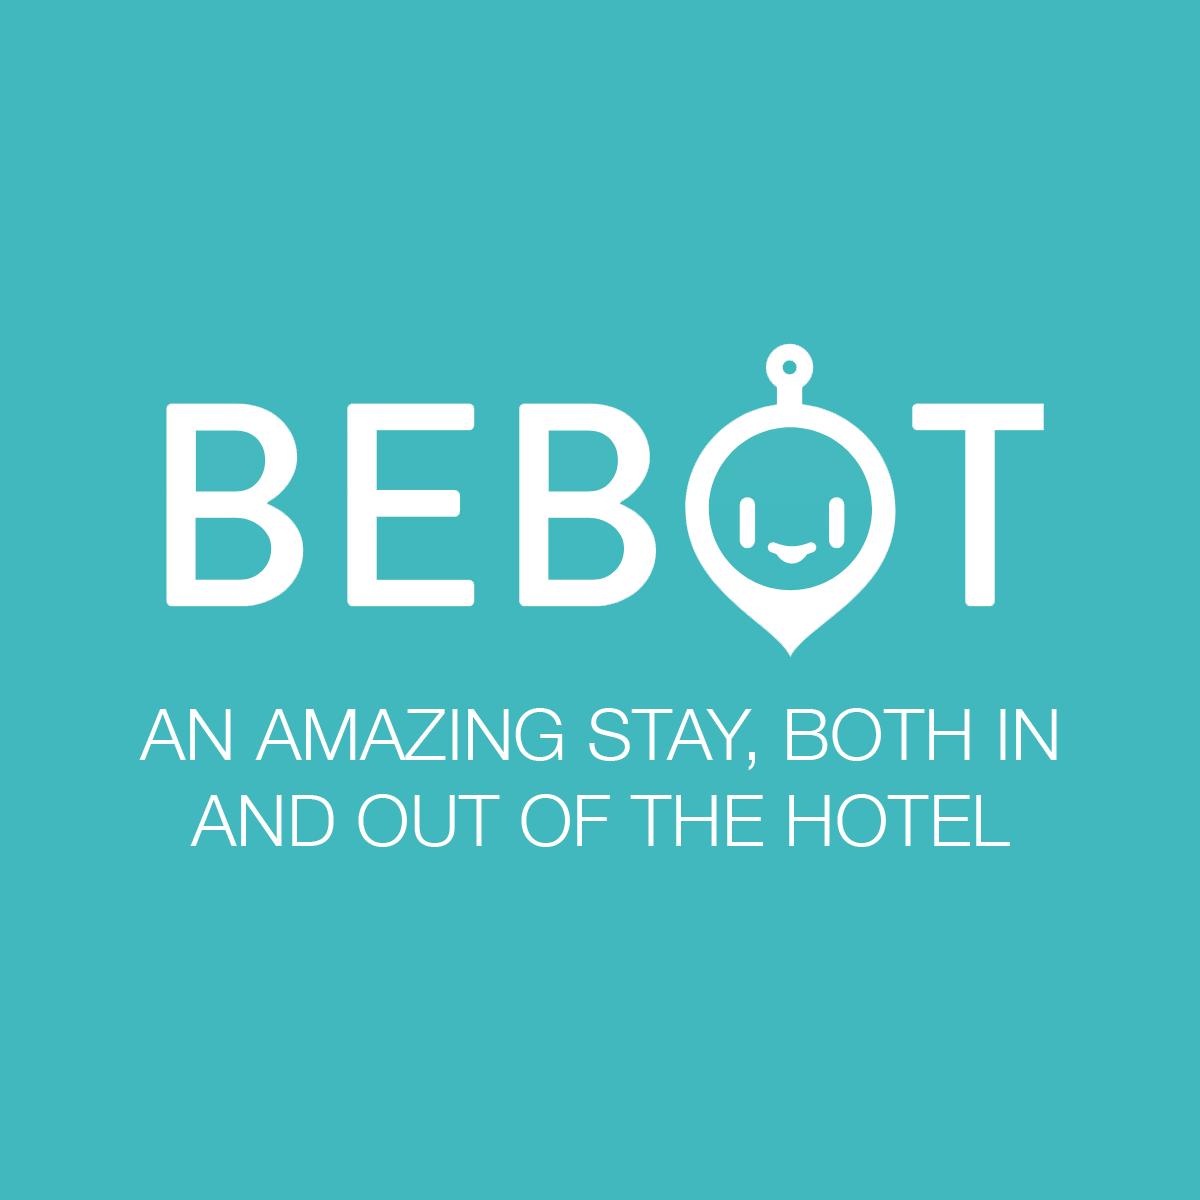 Og bebot hotels